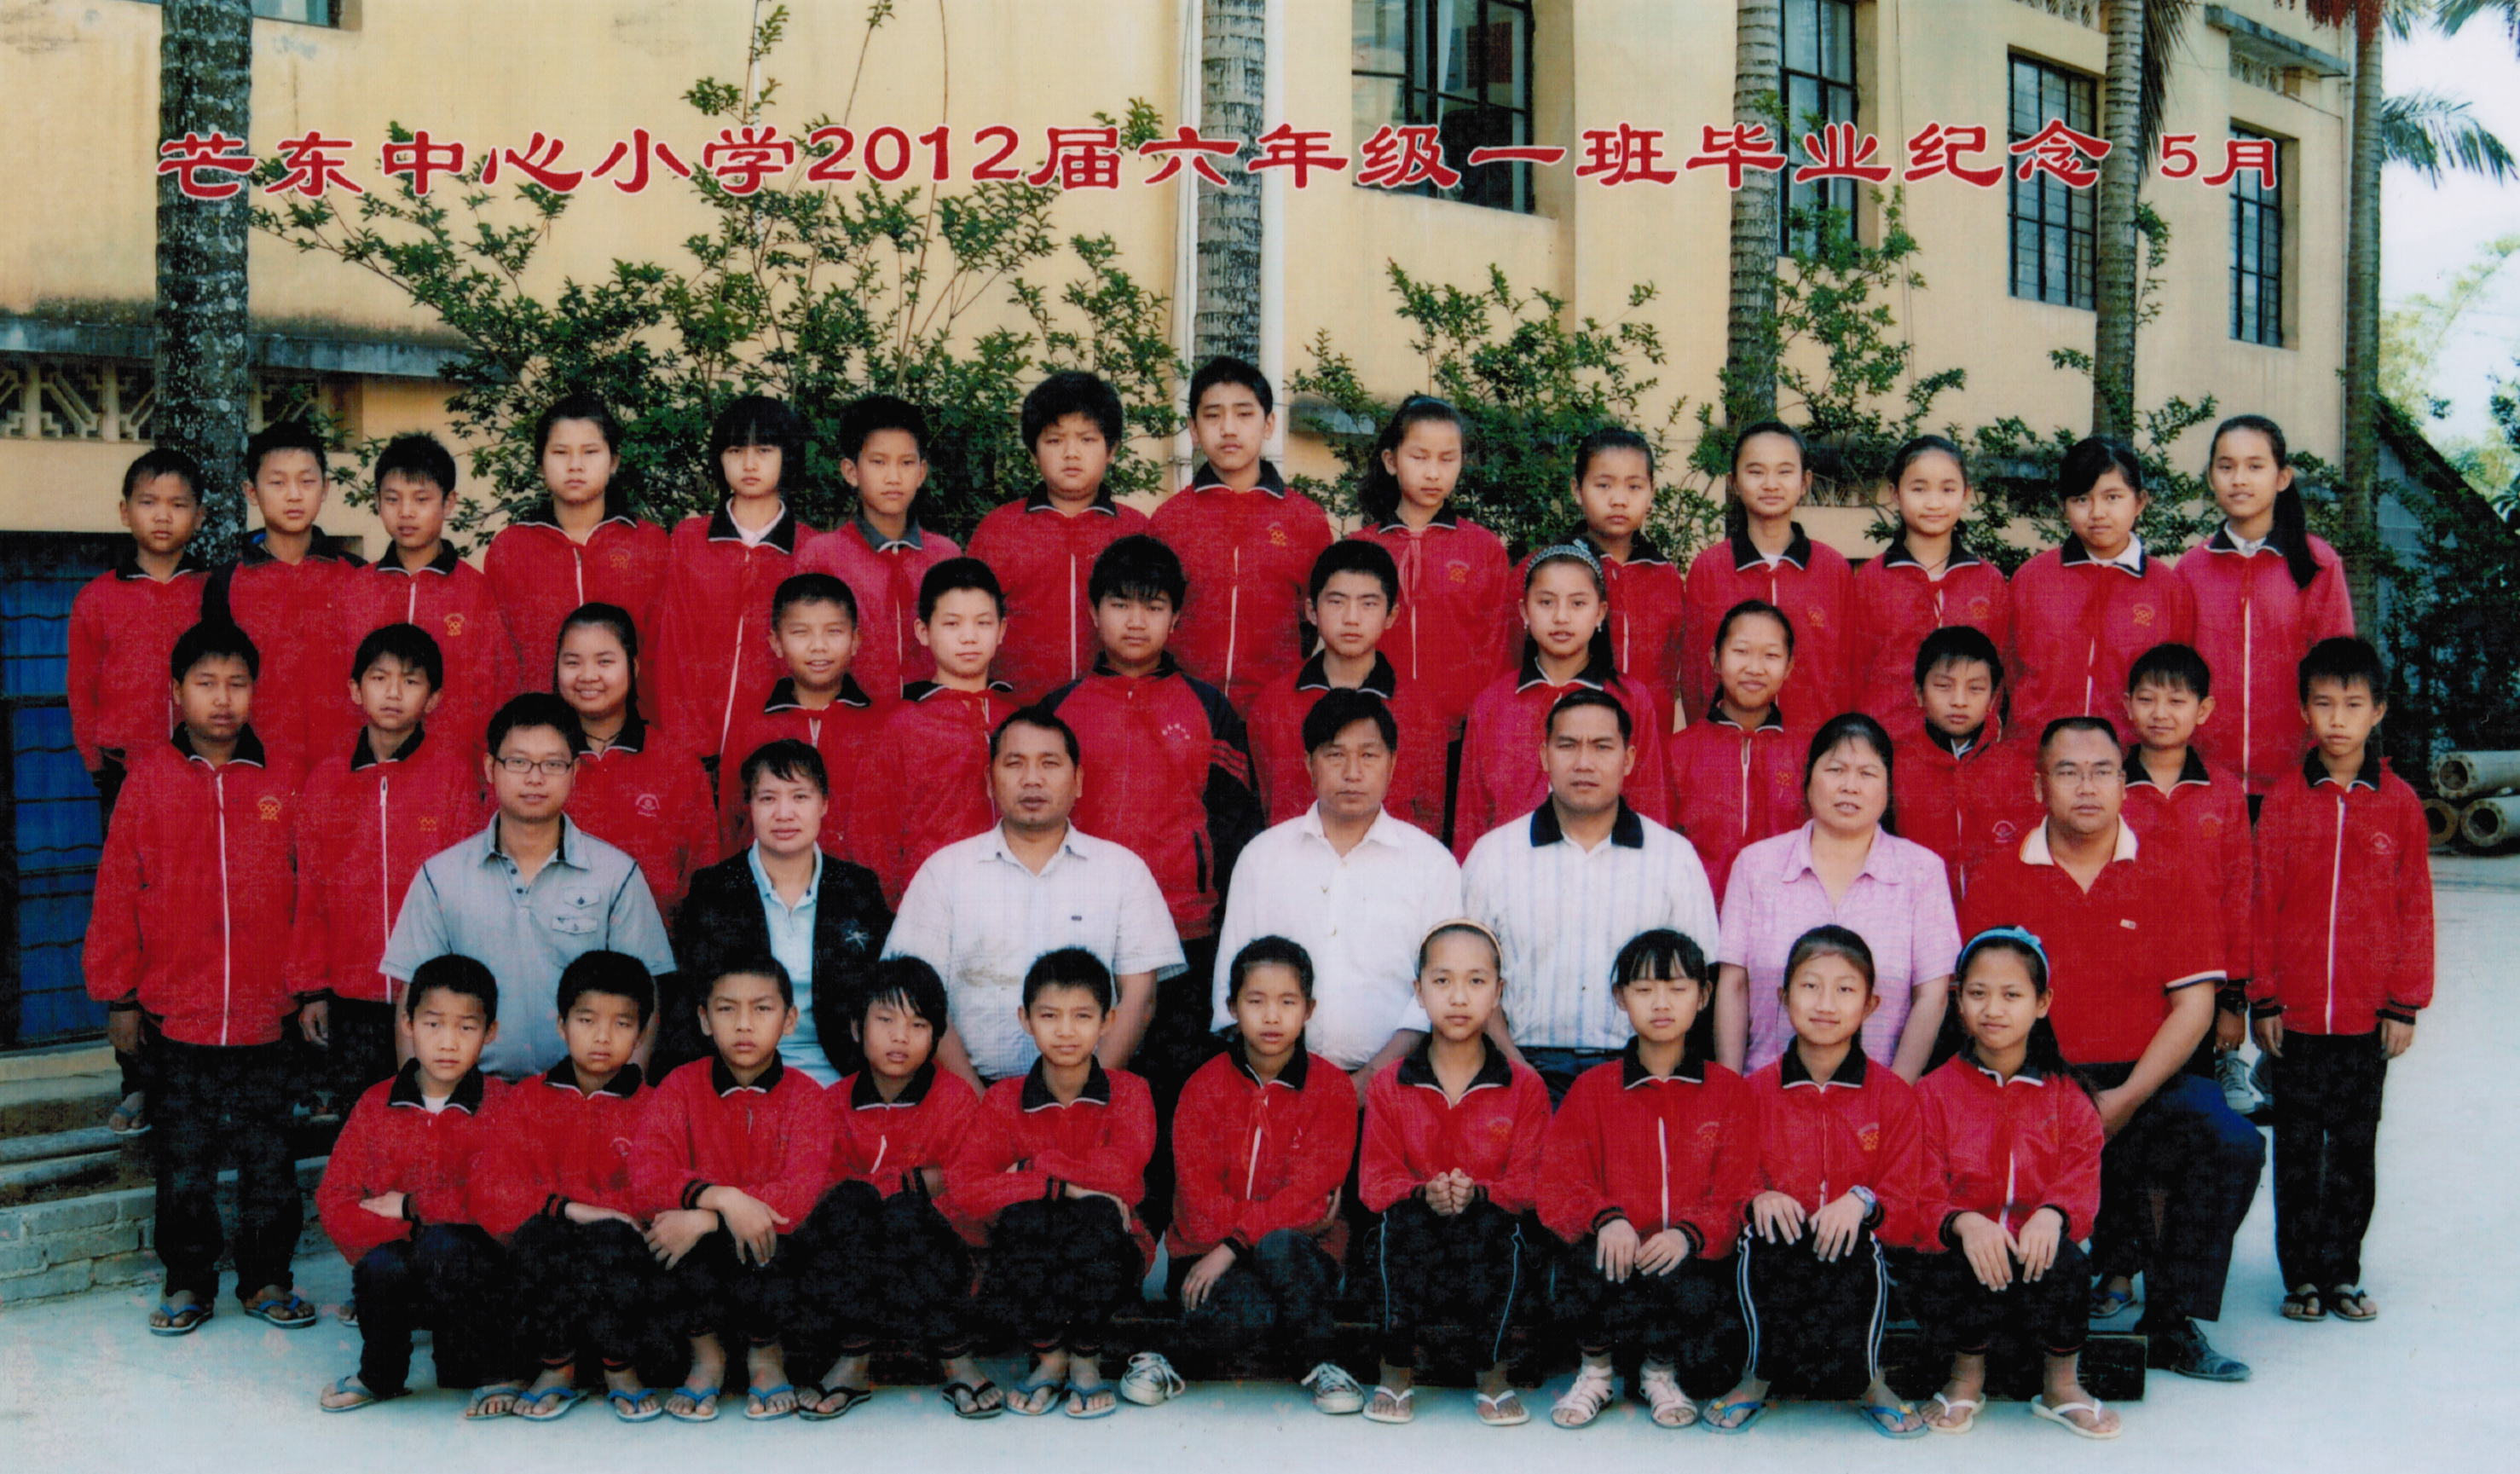 芒东镇中心小学2012届六(1)班毕业留影